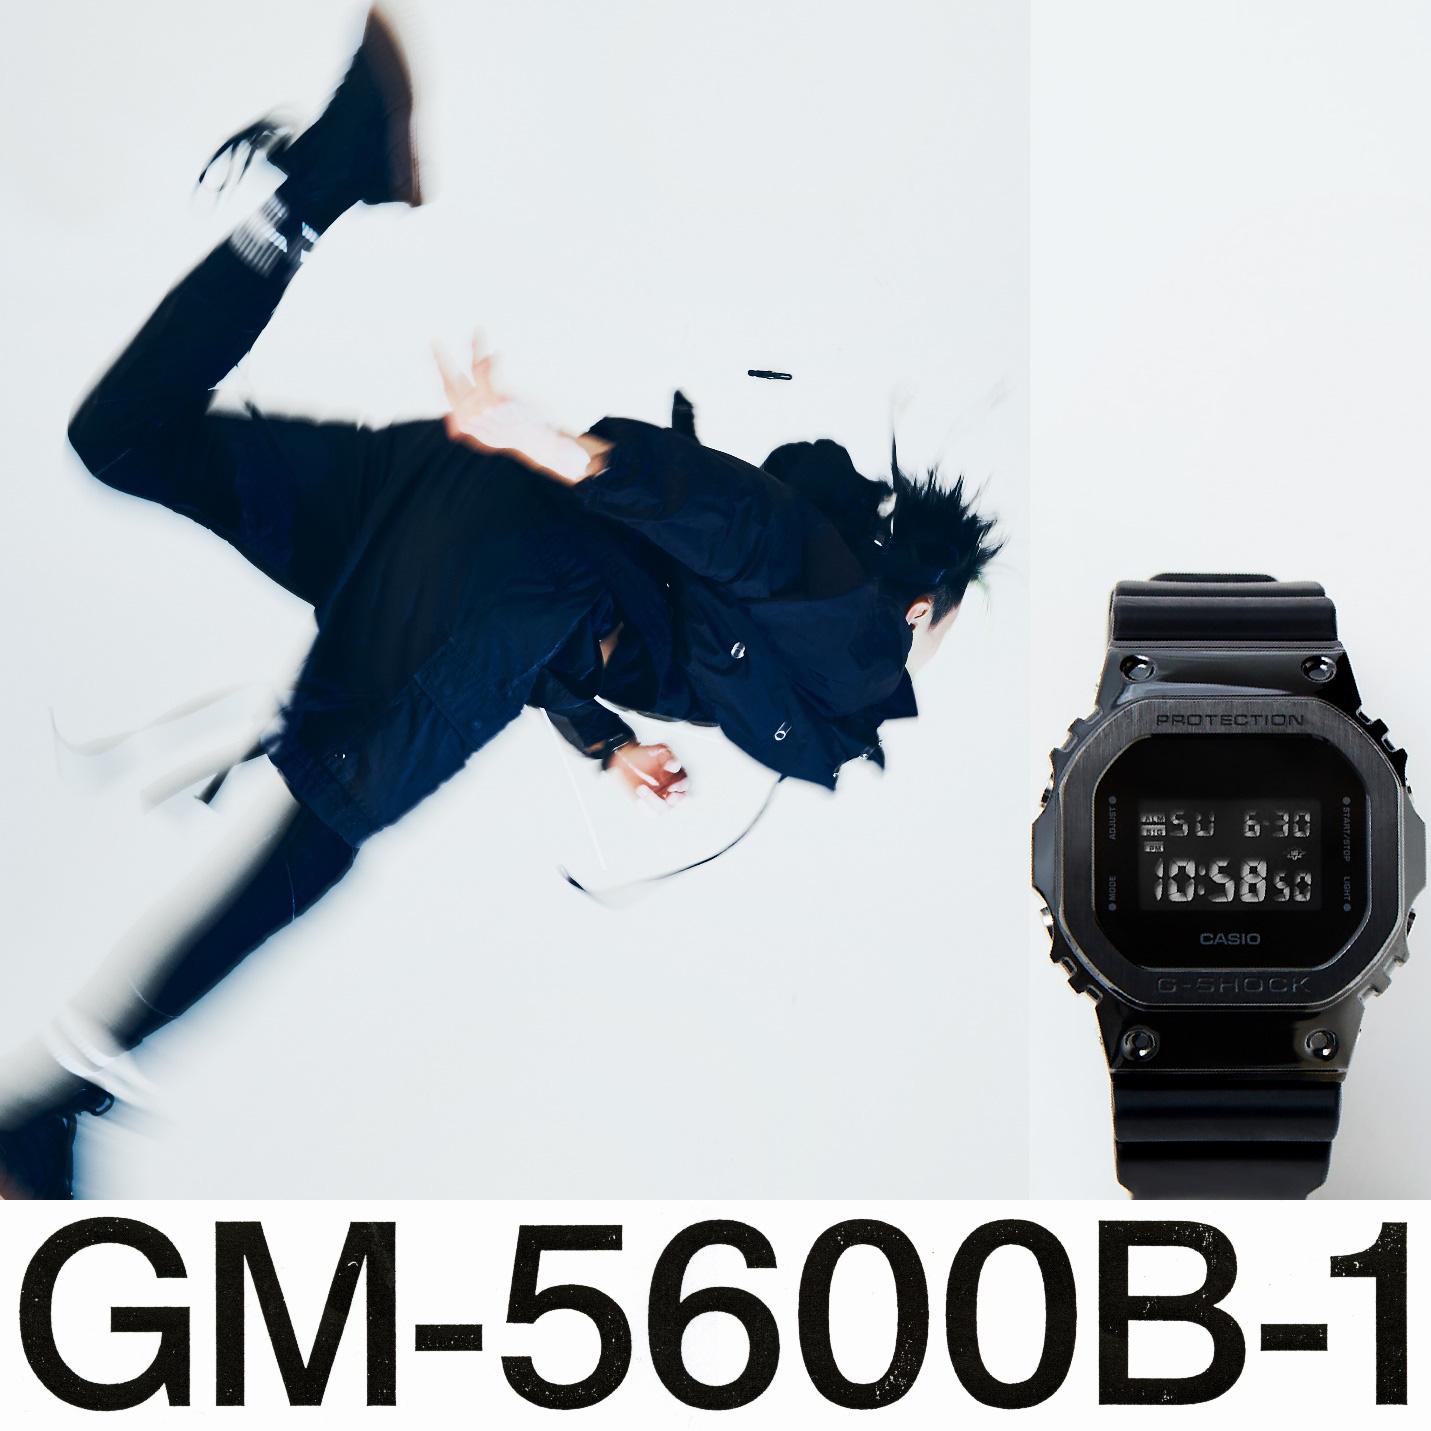 Đam mê đồng hồ G-Shock - thể hiện chất riêng của mình - Ảnh 2.